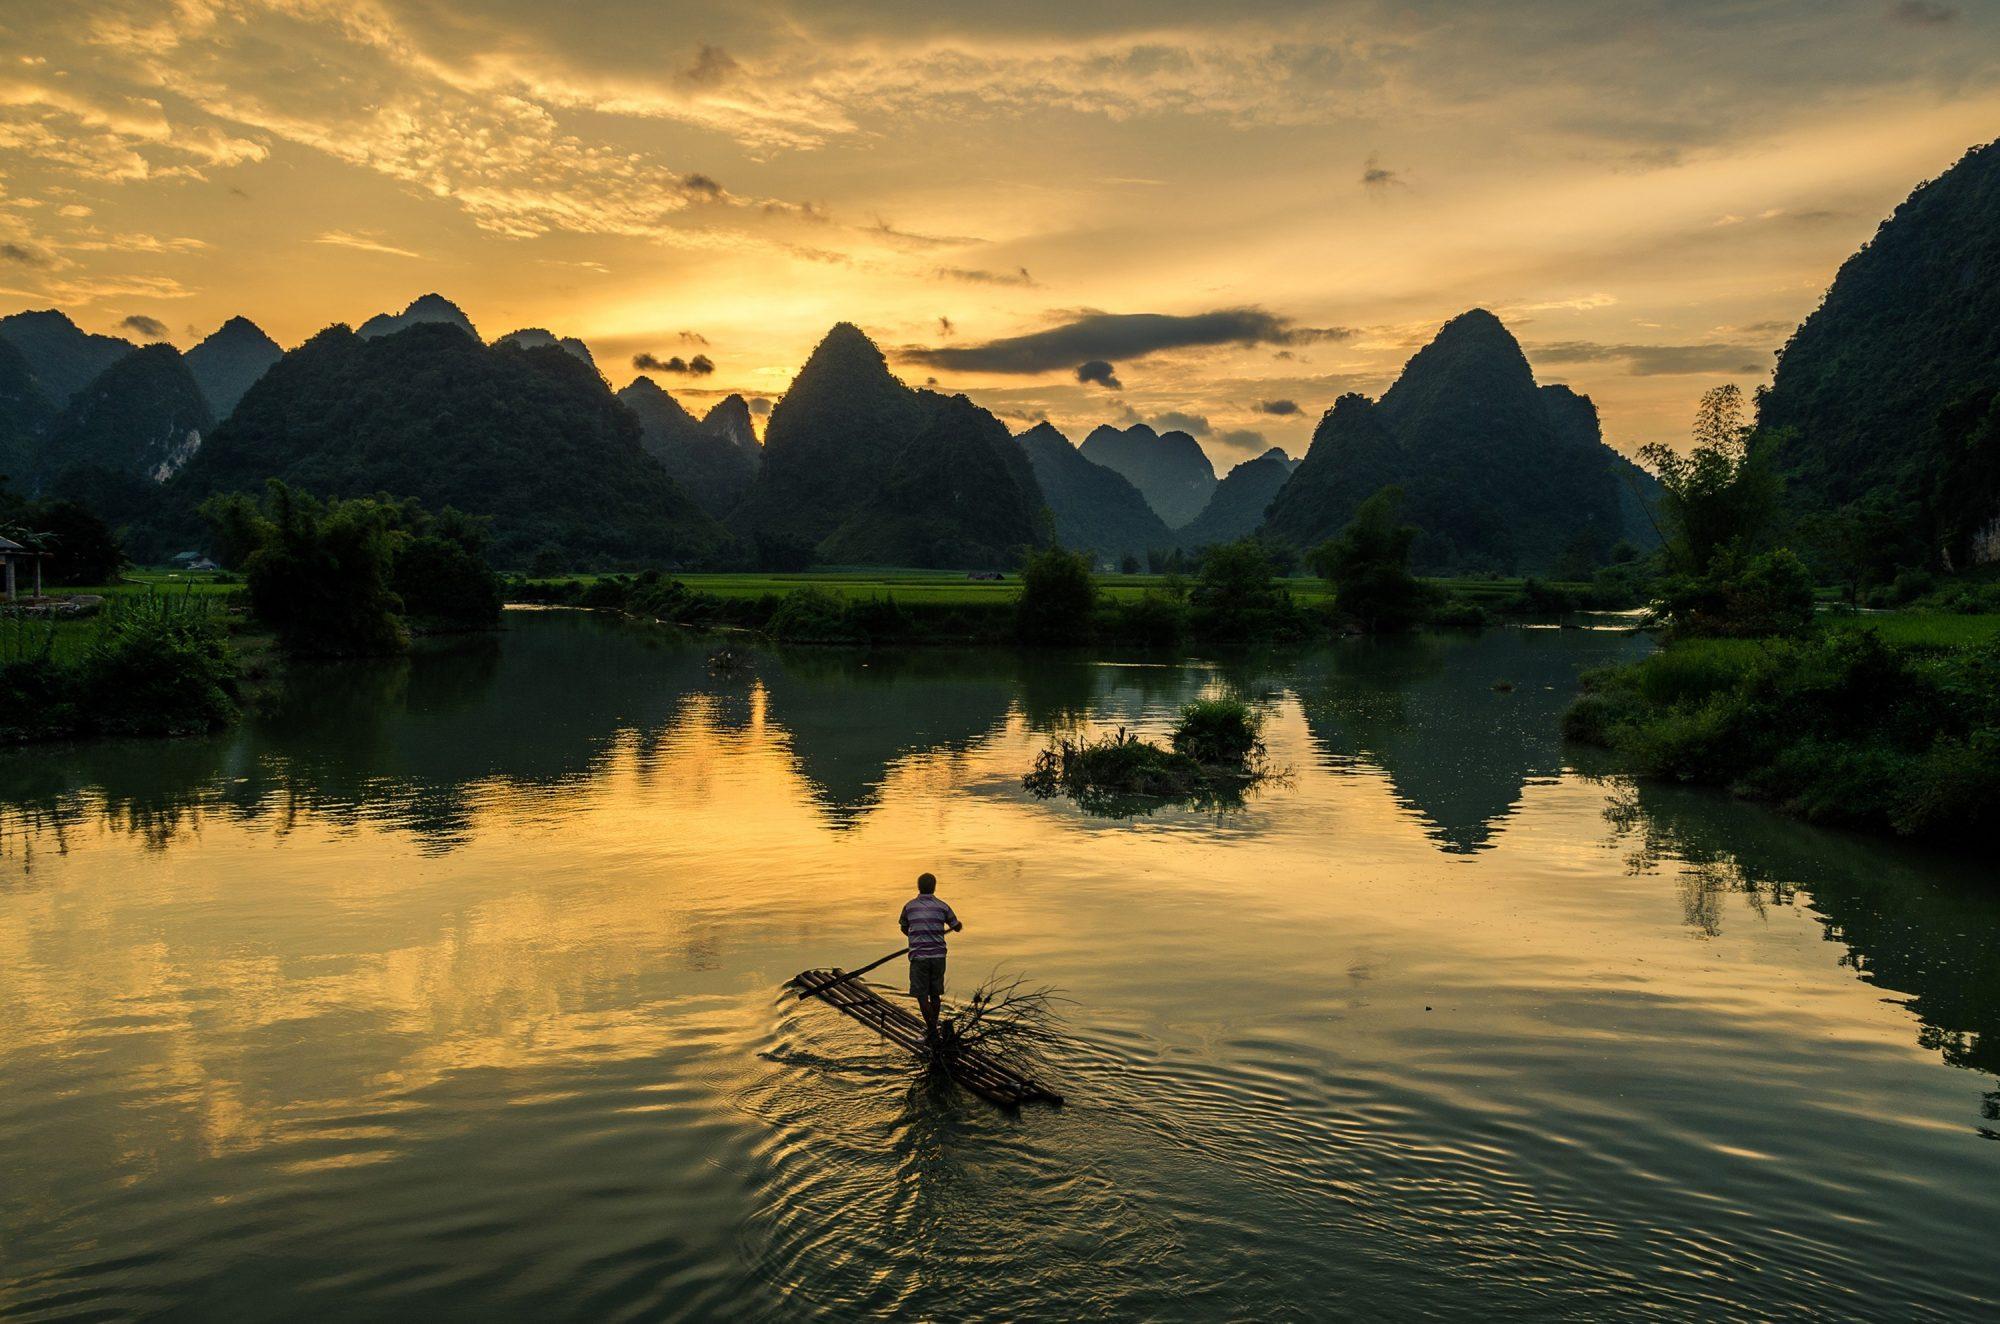 La belleza de Halong en el mar… o en medio de arrozales